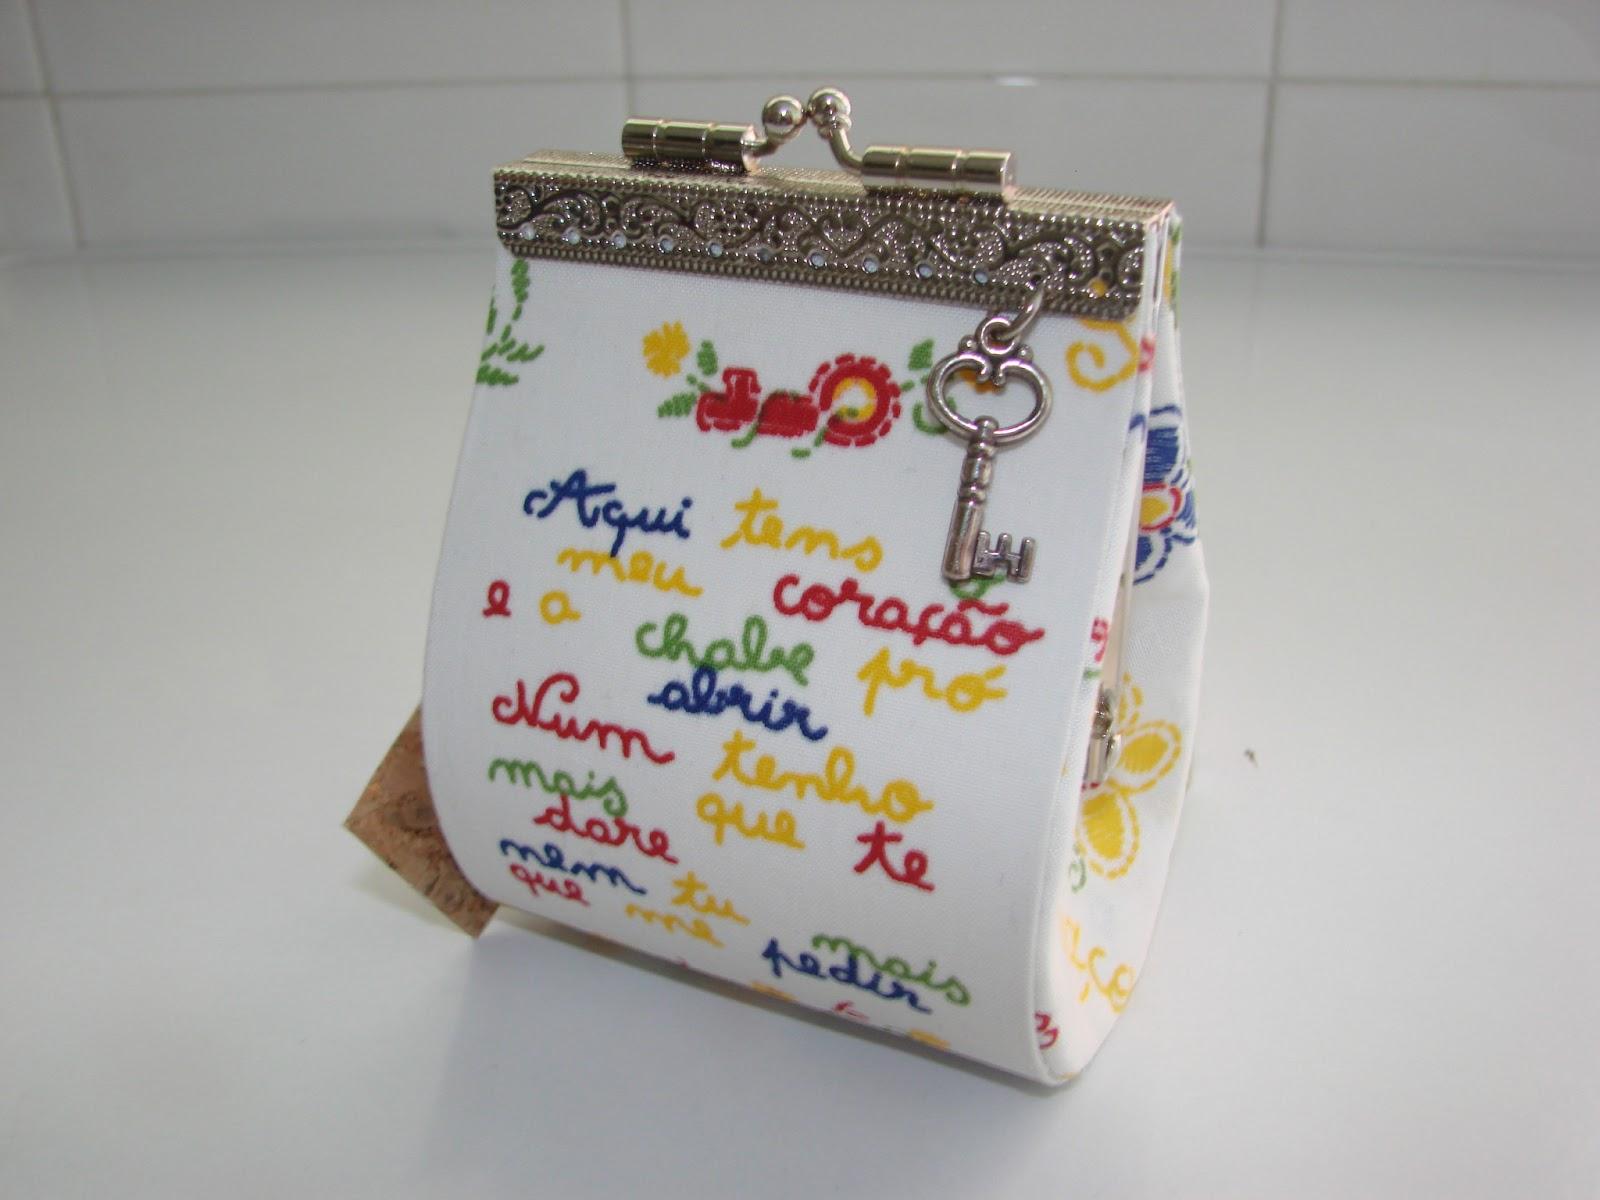 #A68725 Carteiras e bolsas para óculos de sol em cartonagem. 1206 Portas E Janelas De Madeira Em Vitoria Da Conquista